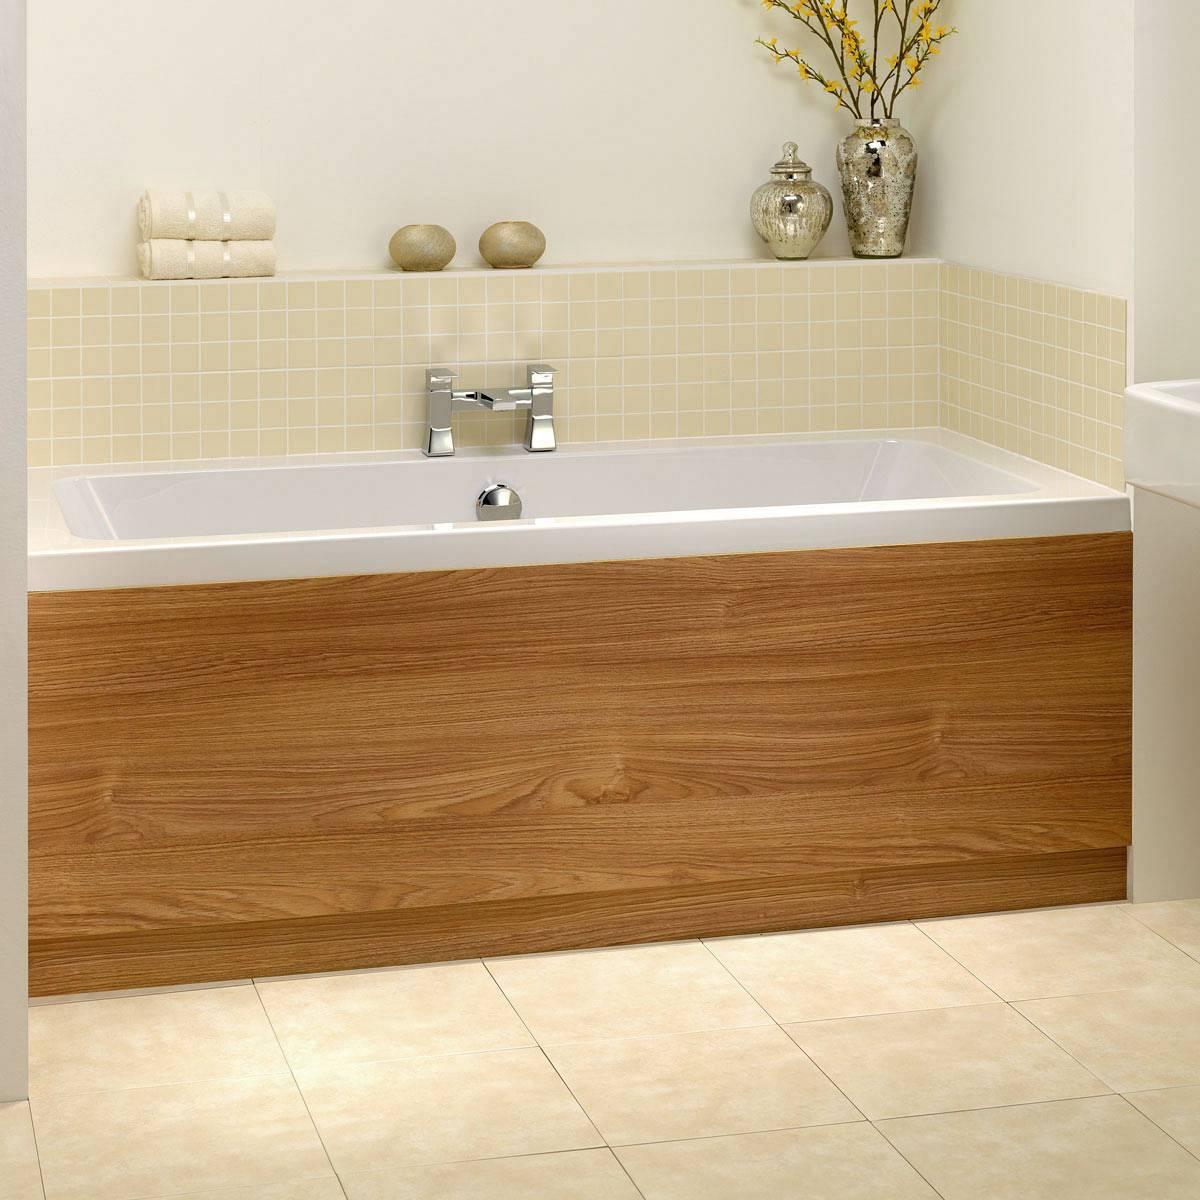 Habillage baignoire: pensez au tablier de baignoire